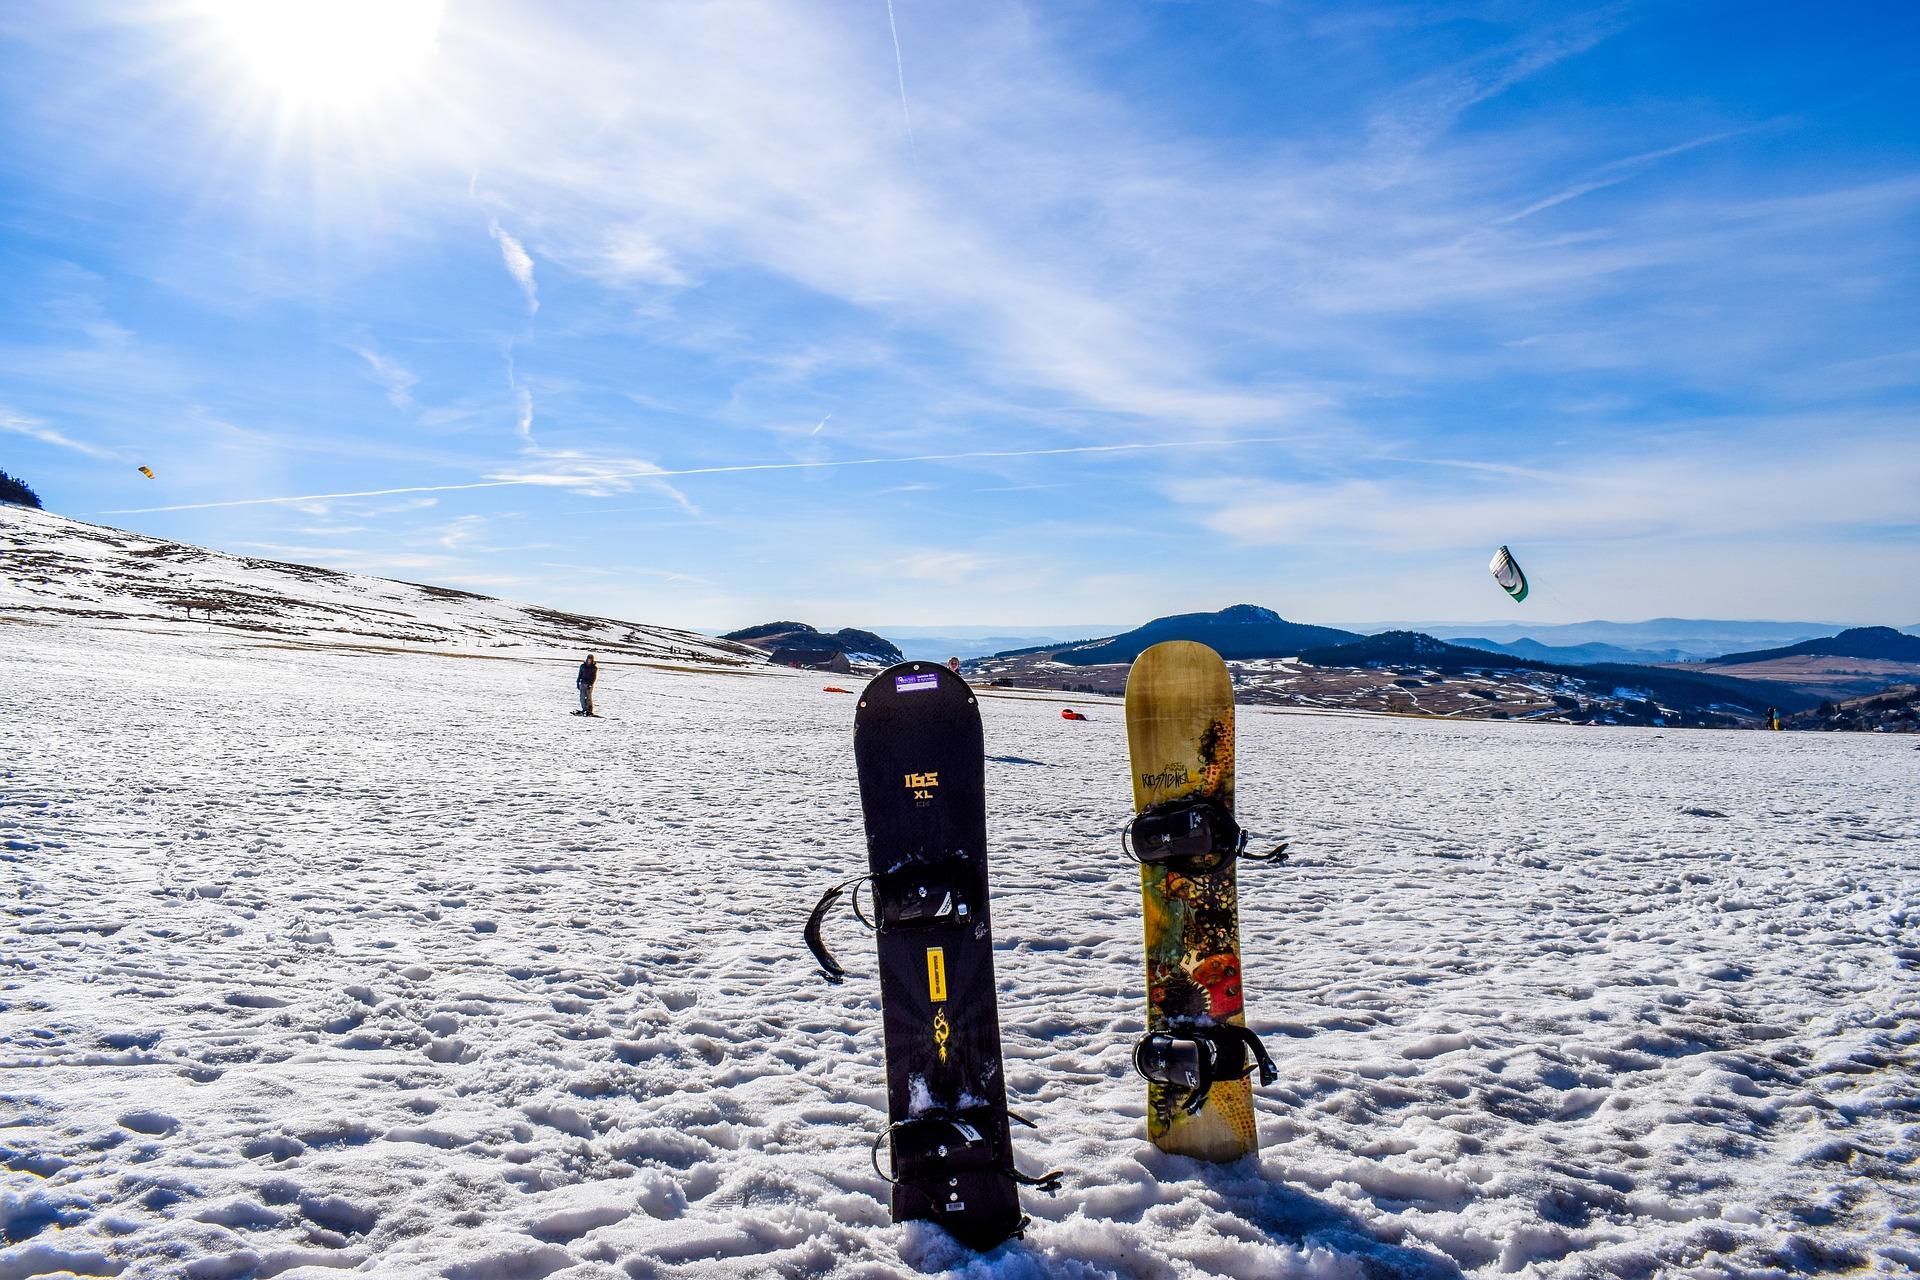 Ski_Auvergne_CC0.jpg?1544177630